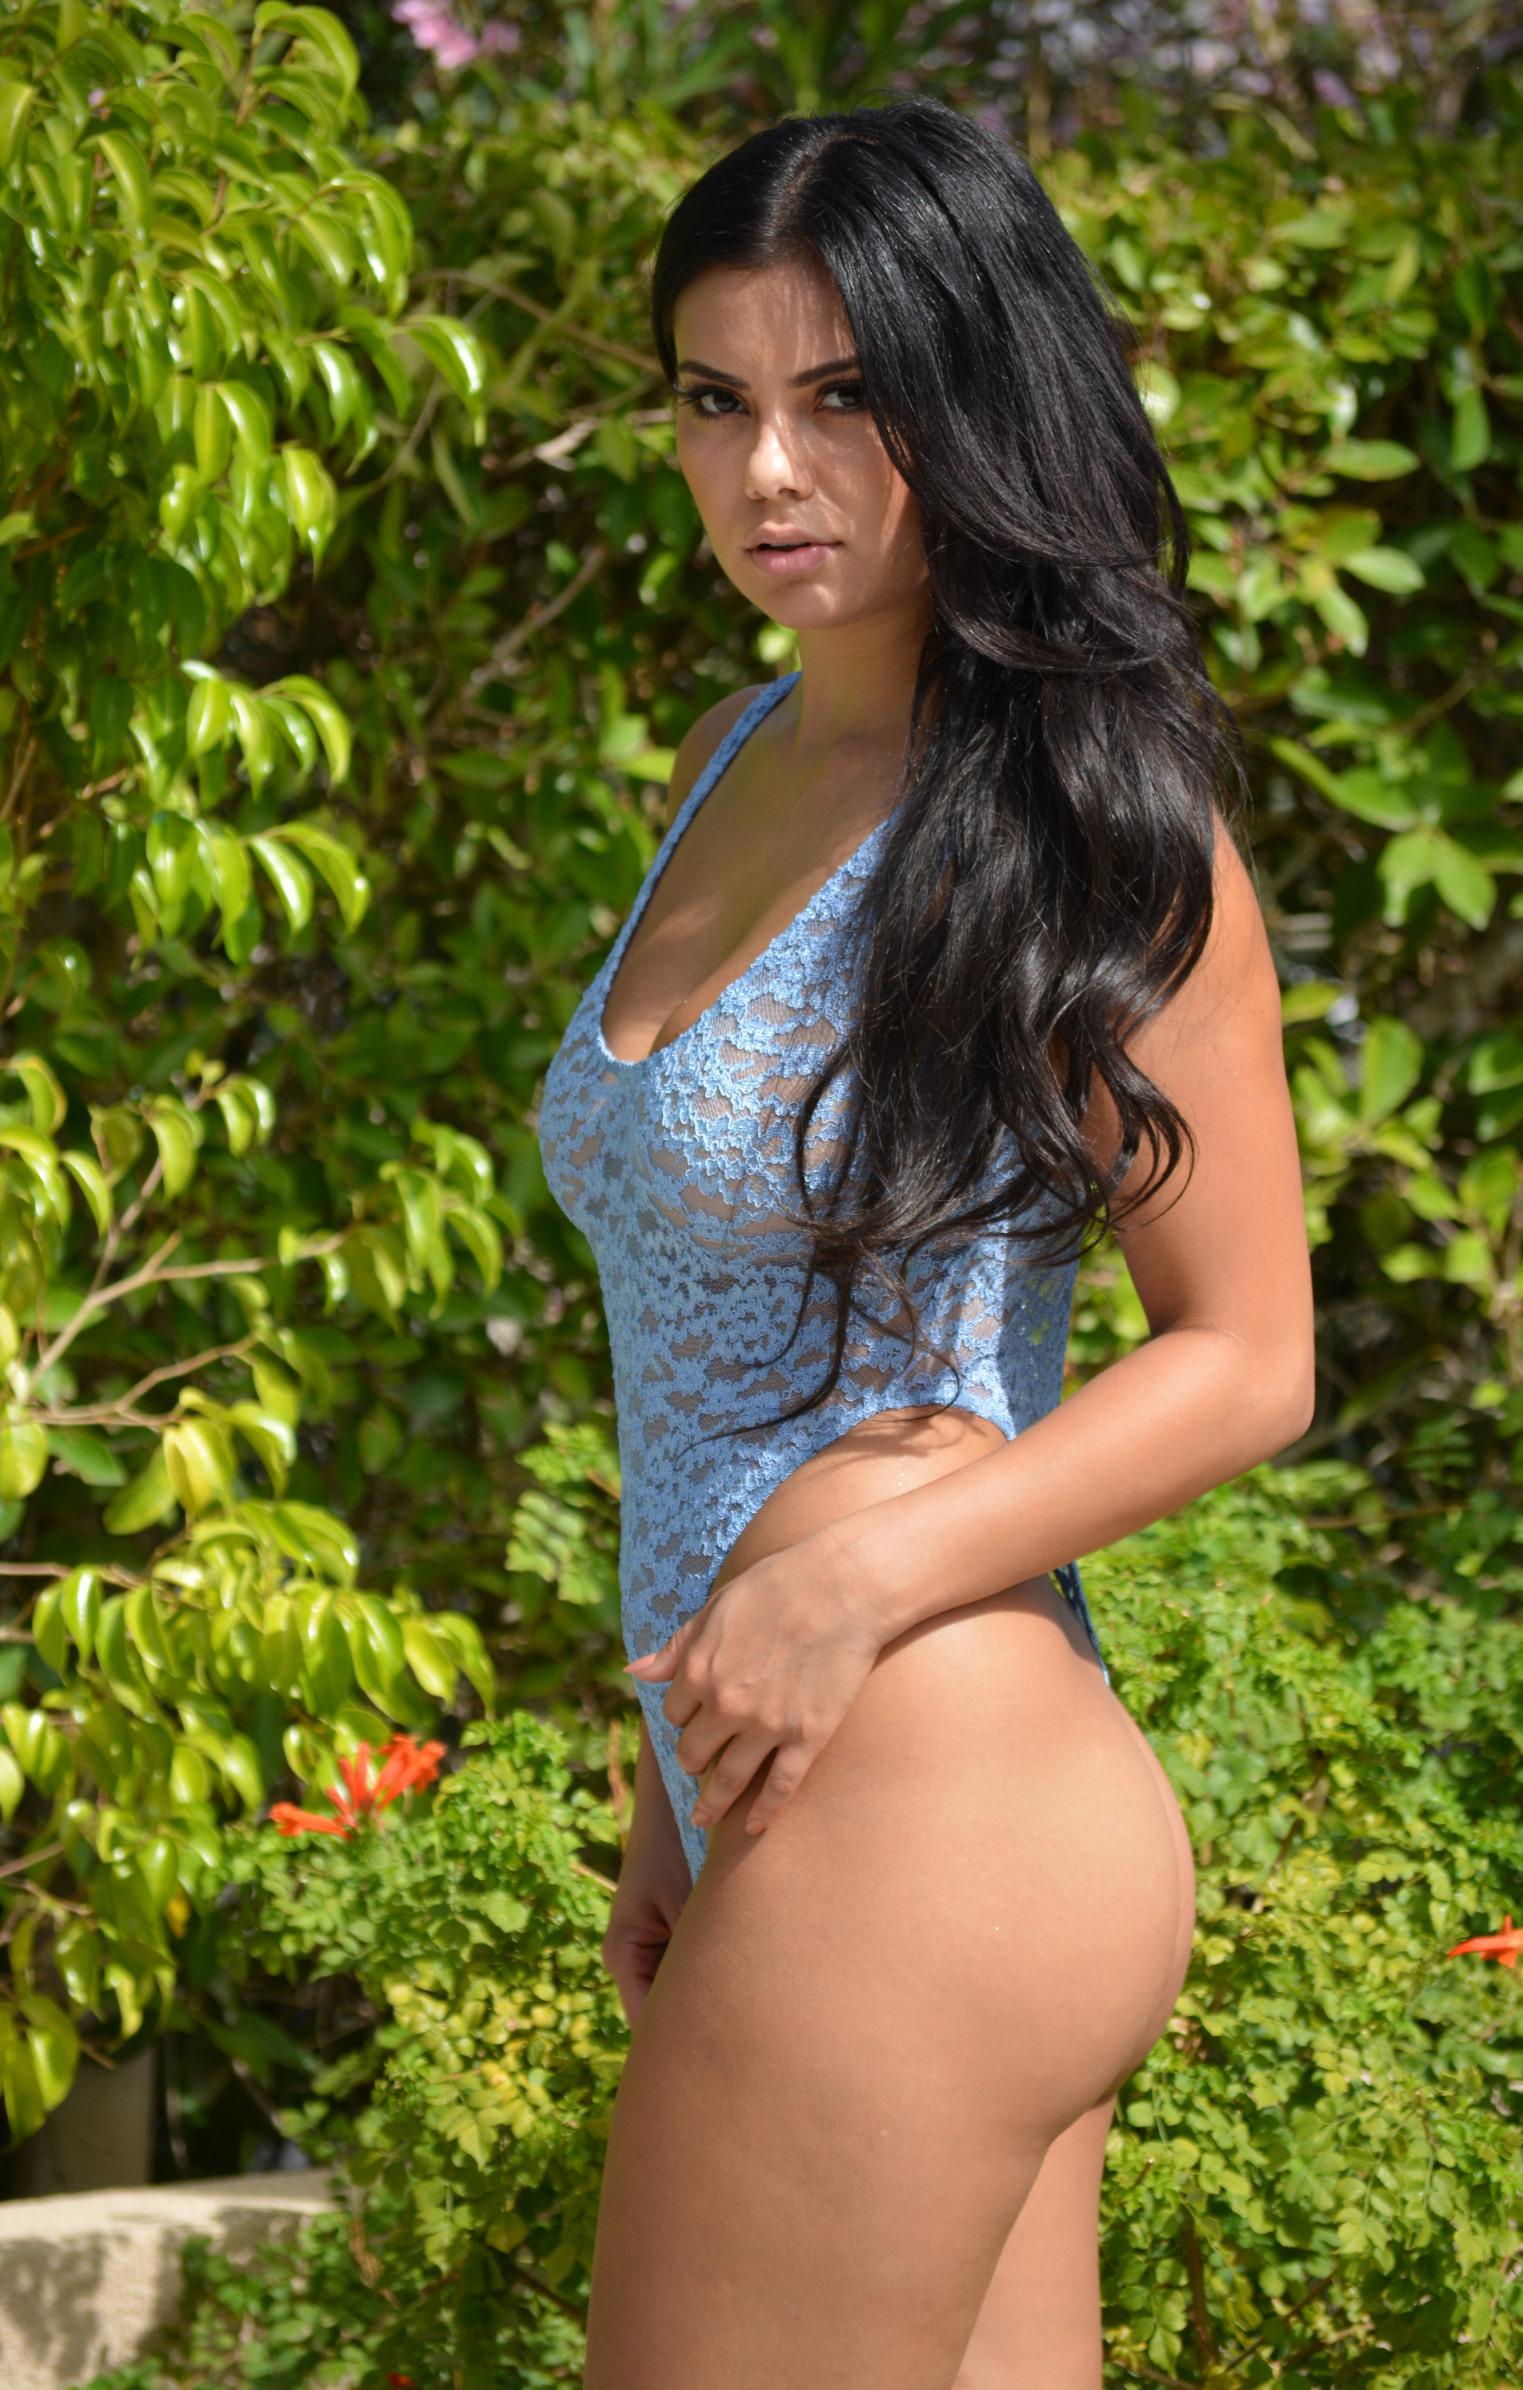 Lace bikini sheer